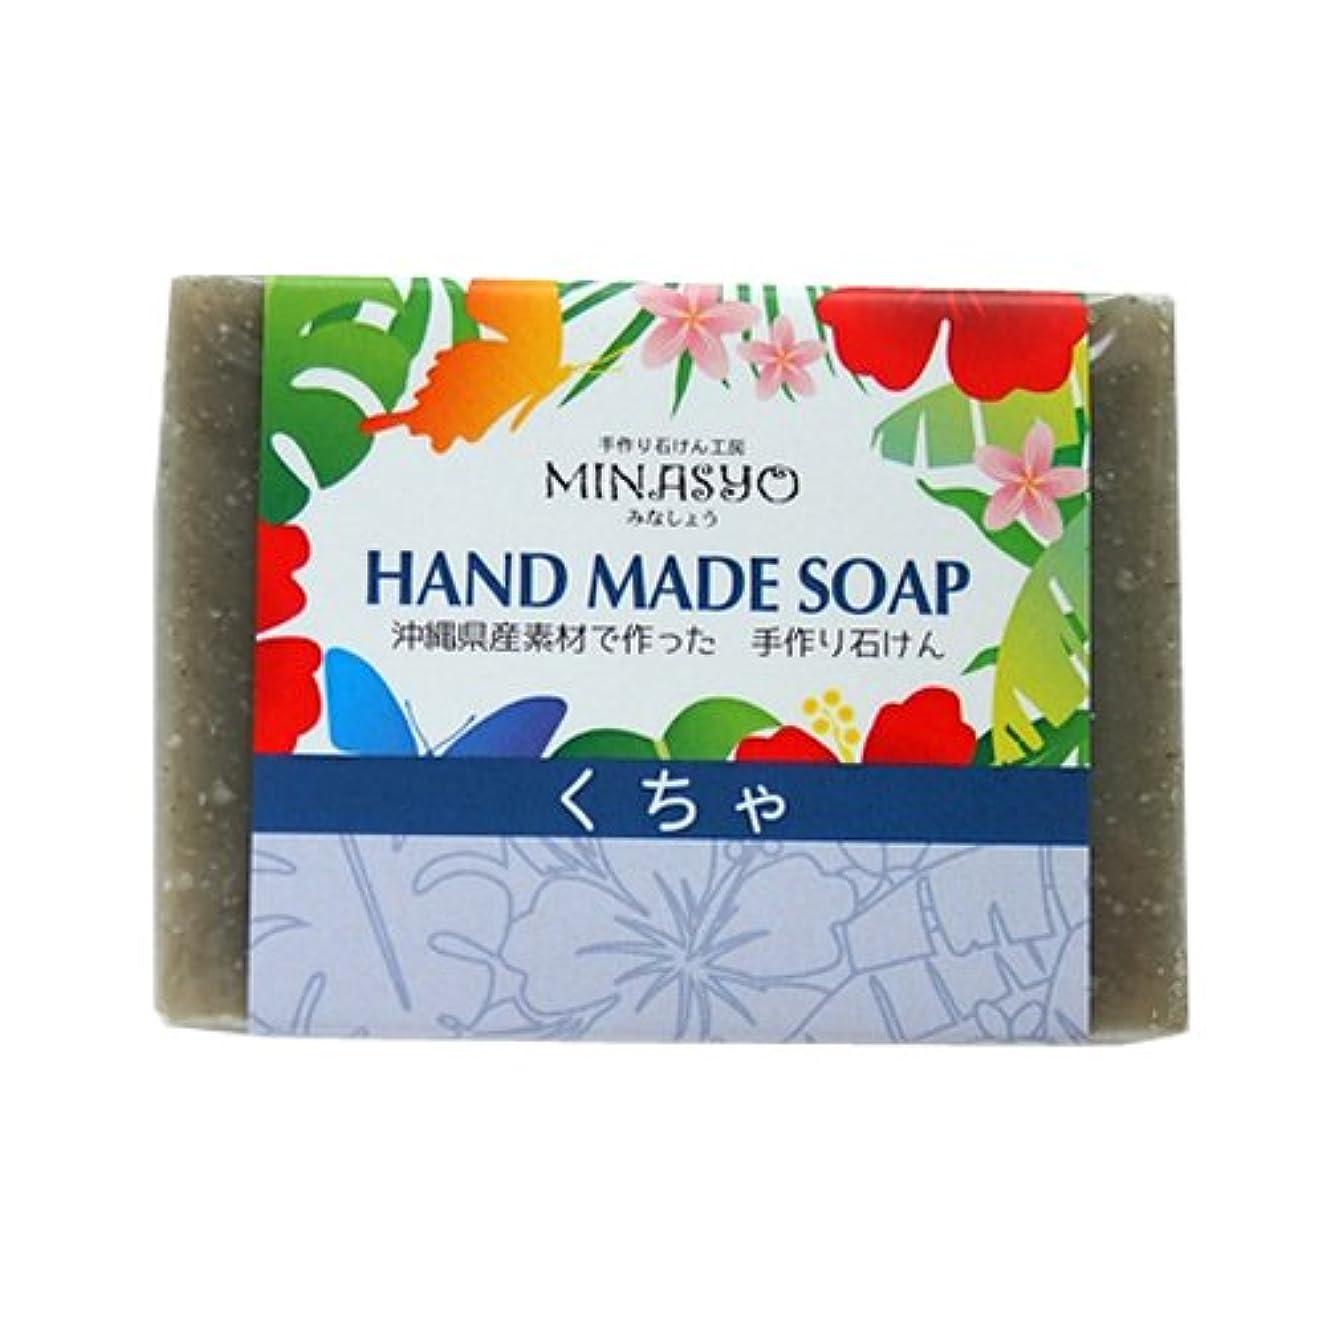 洗顔 石鹸 無添加 沖縄くちゃ みなしょう 手作りくちゃ石鹸 100g×10個